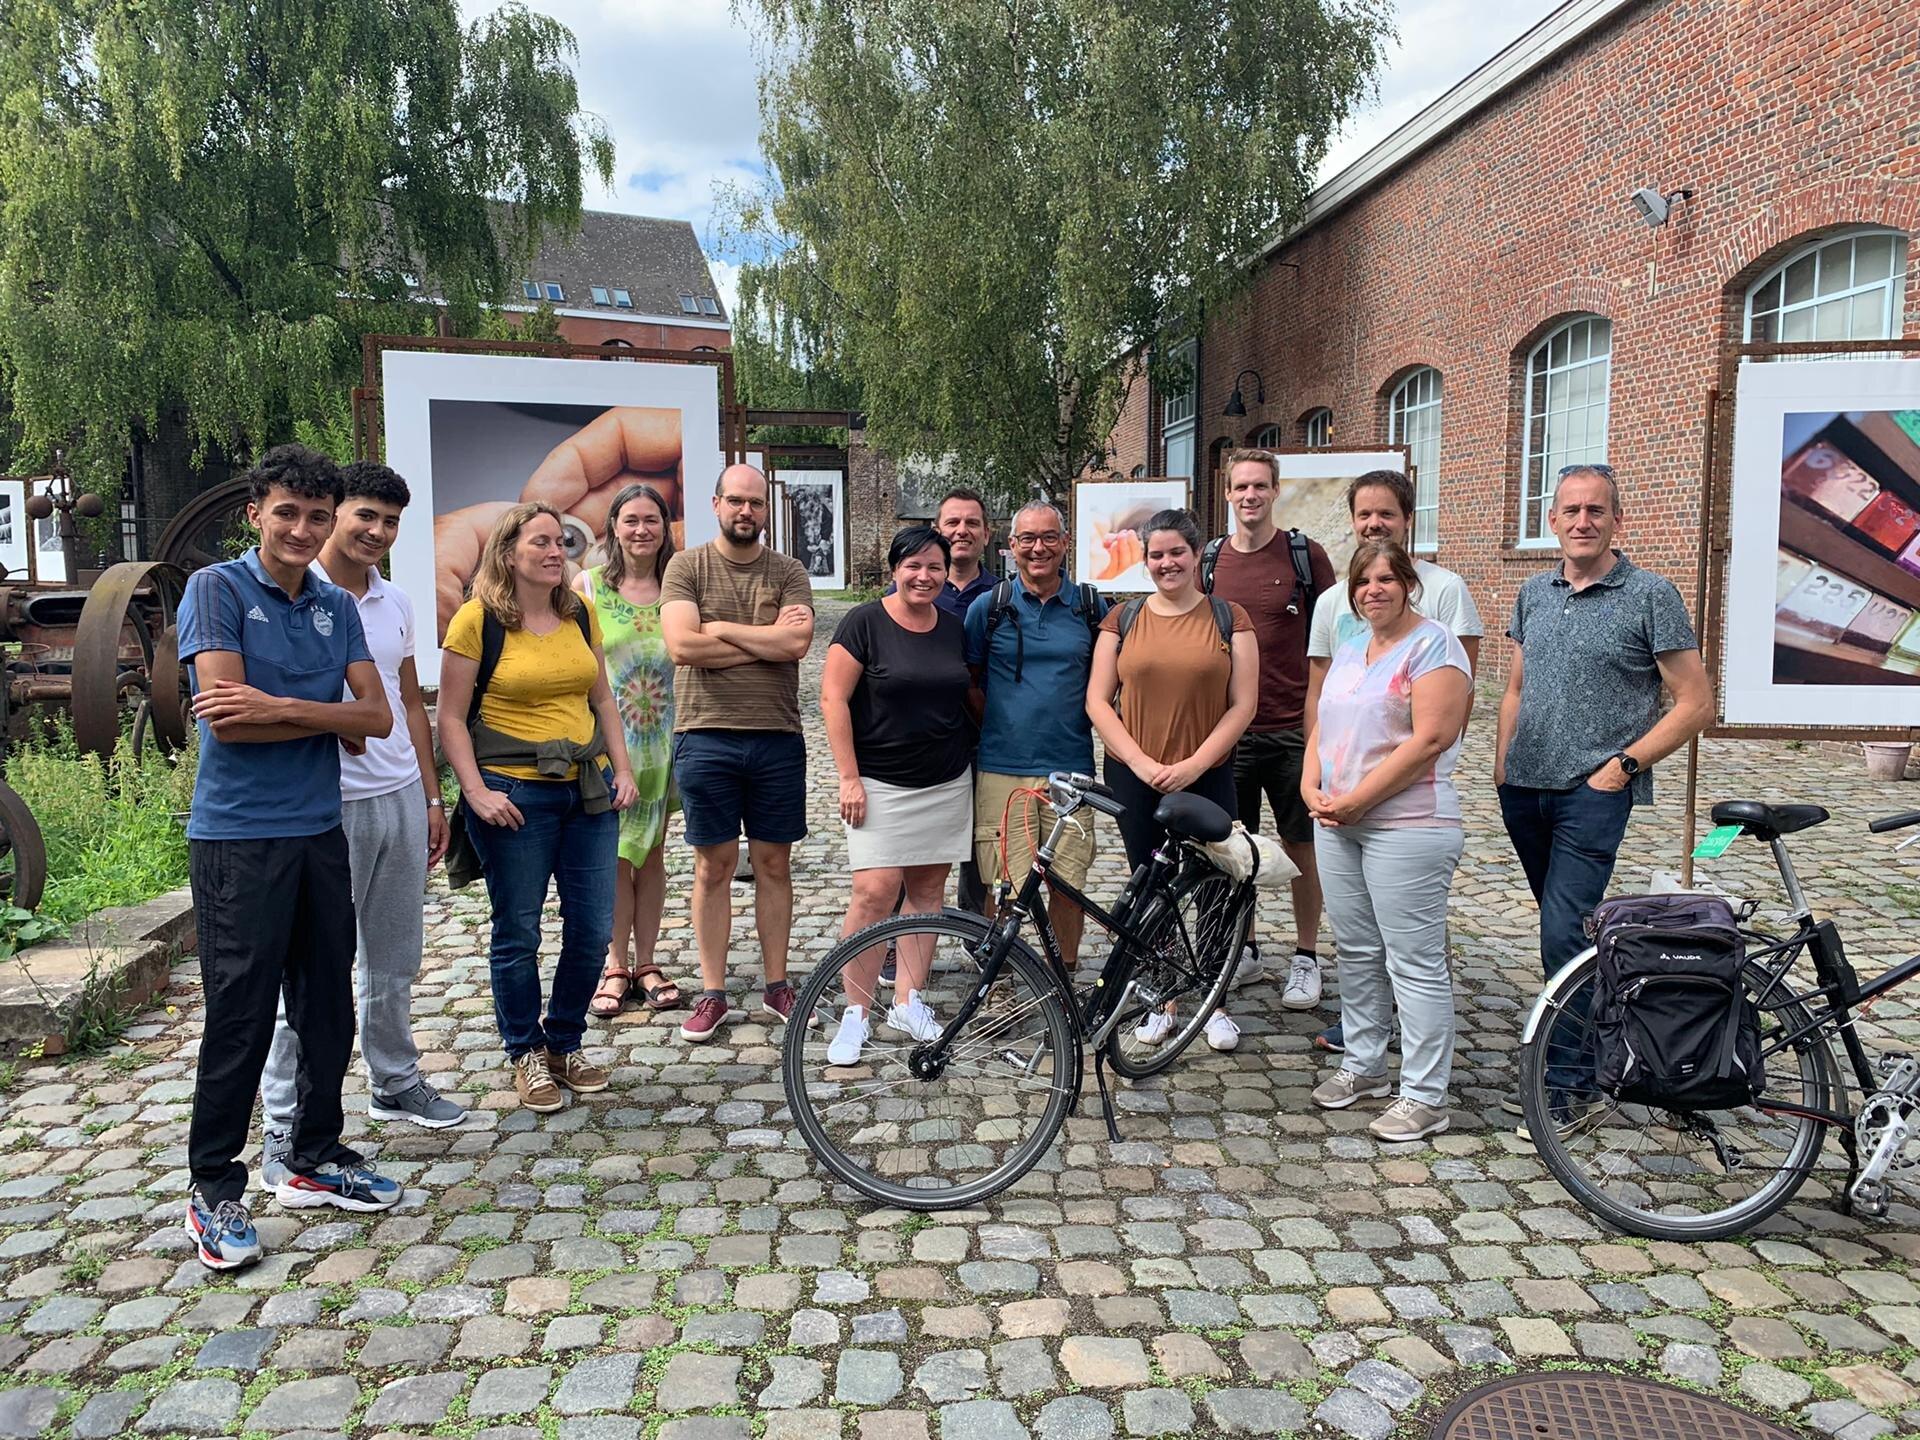 Deux jeunes de AJM/VMJ guident une première fois à travers Bruxelles à vélo. Lieu: La Fonderie, Molenbeek-Saint-Jean